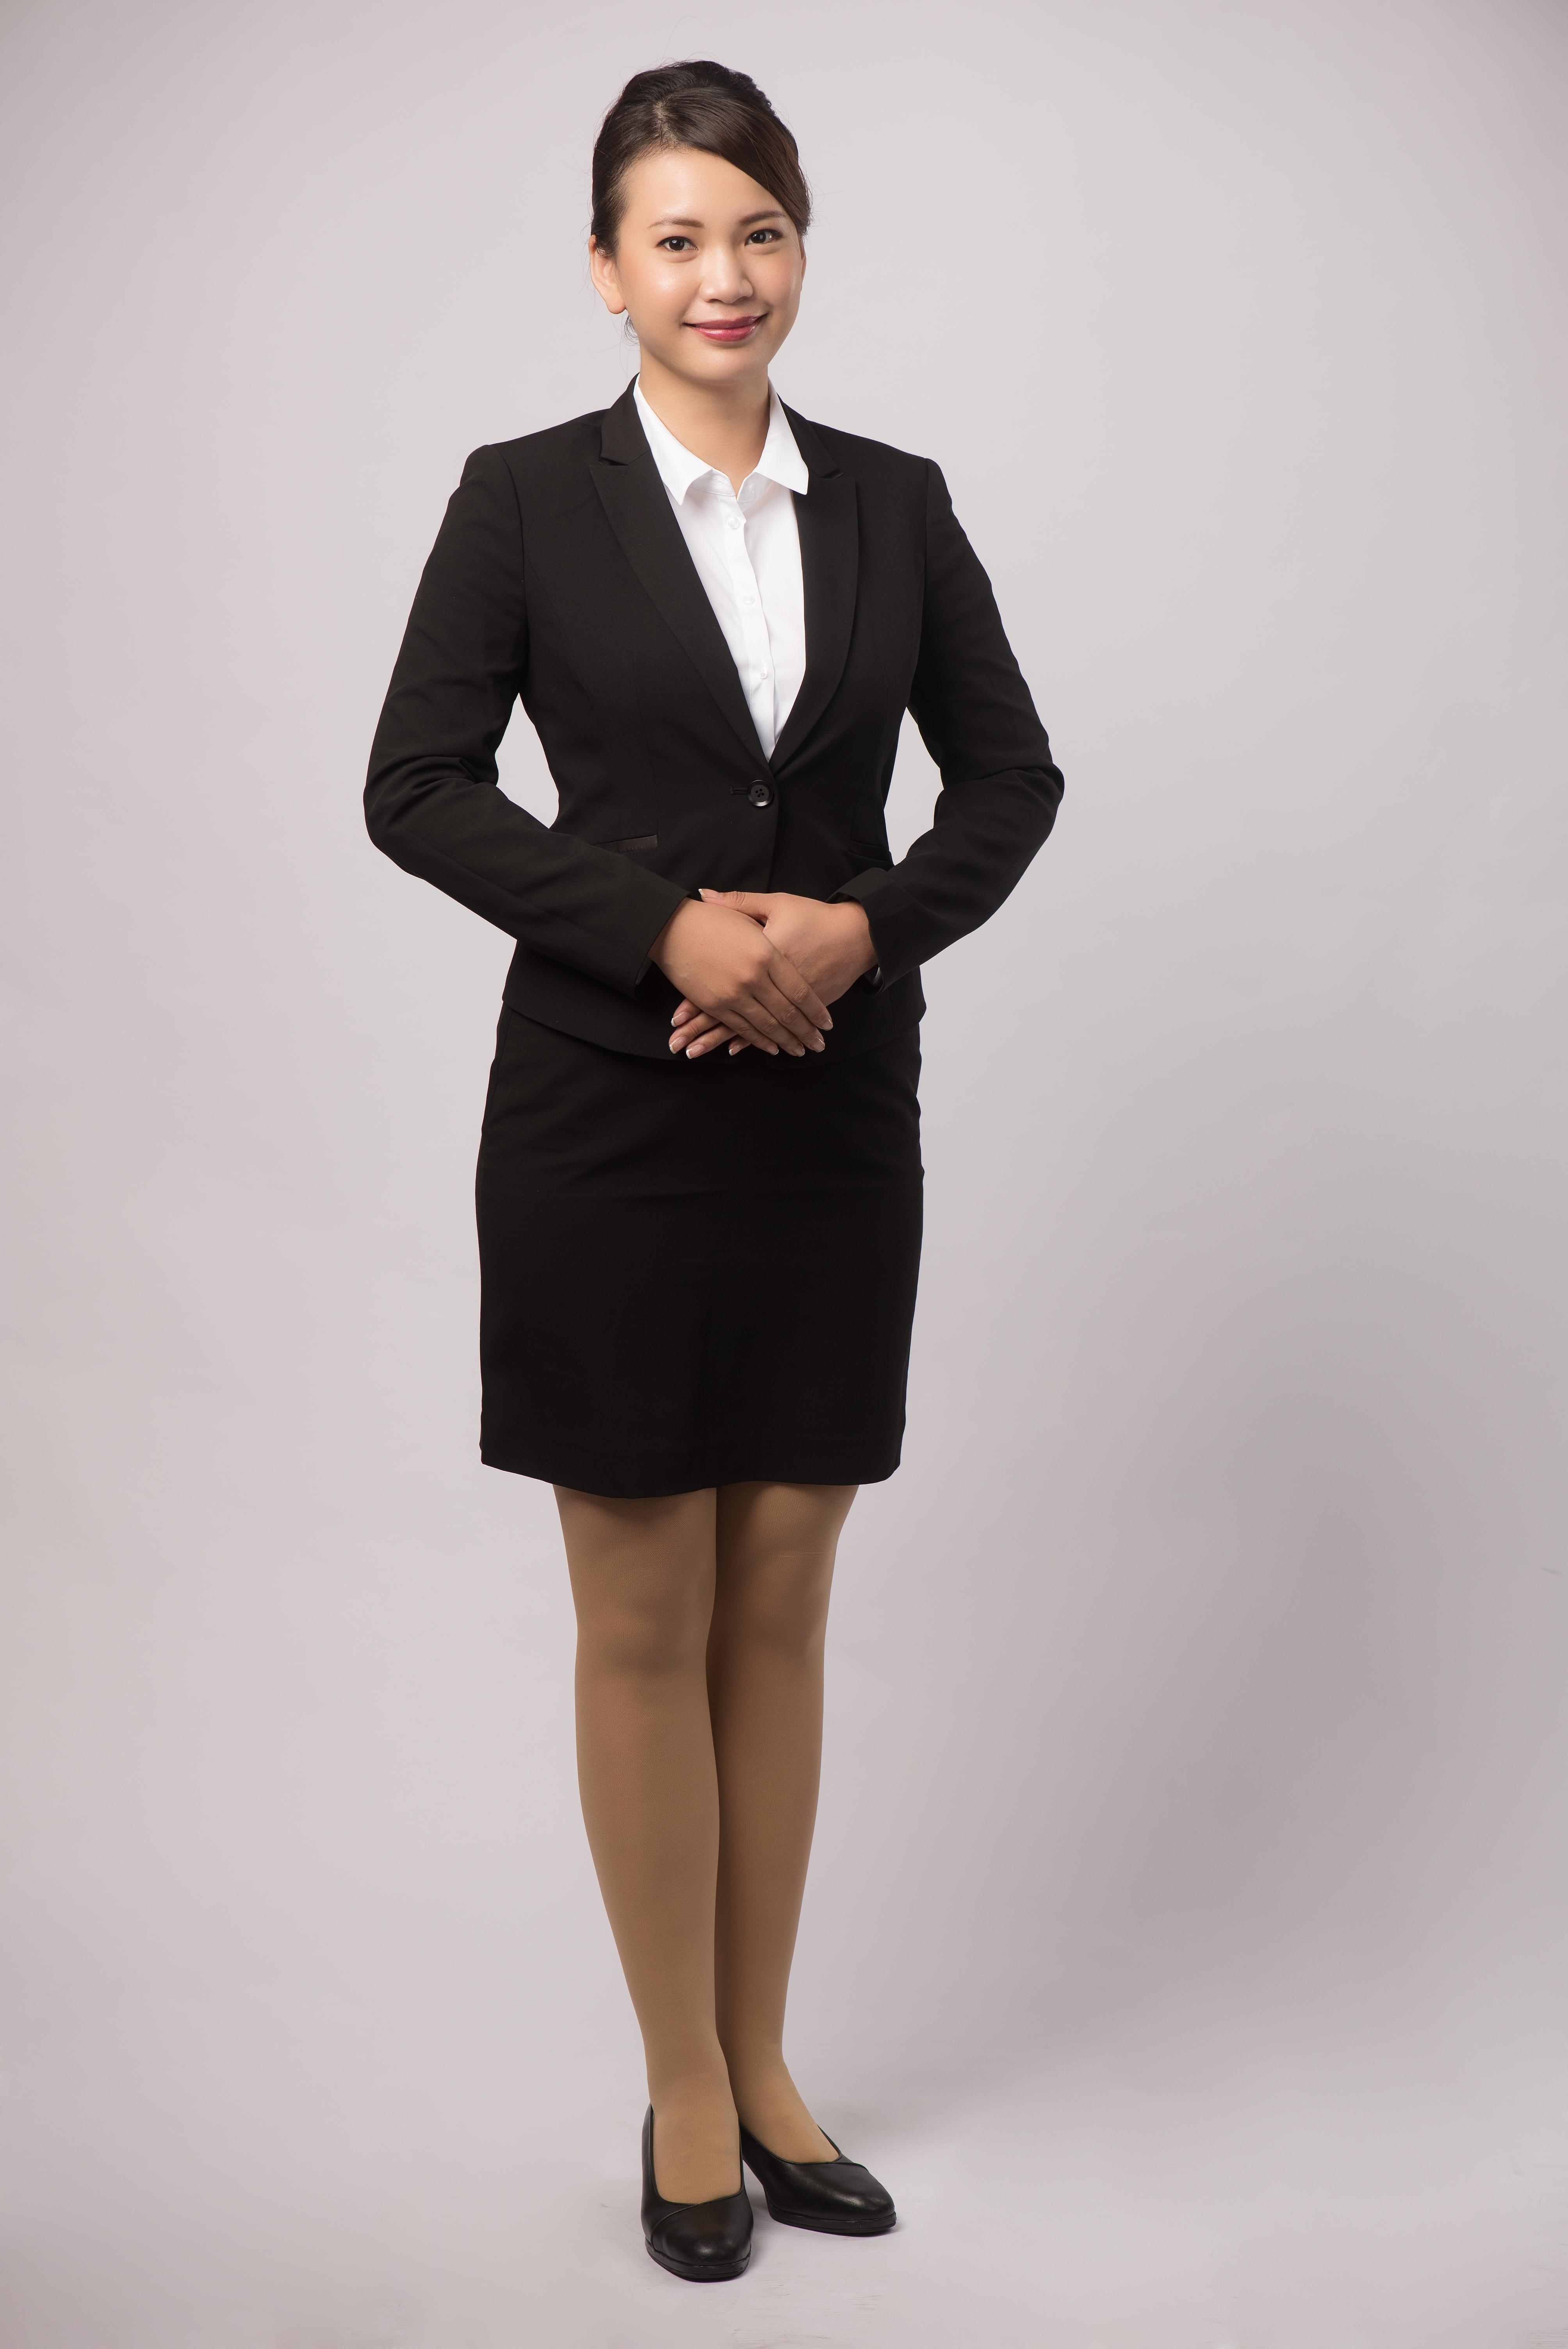 台中空姐形象照,台中航空公司形象照,空姐面試,空姐應徵形象照,專業形象照